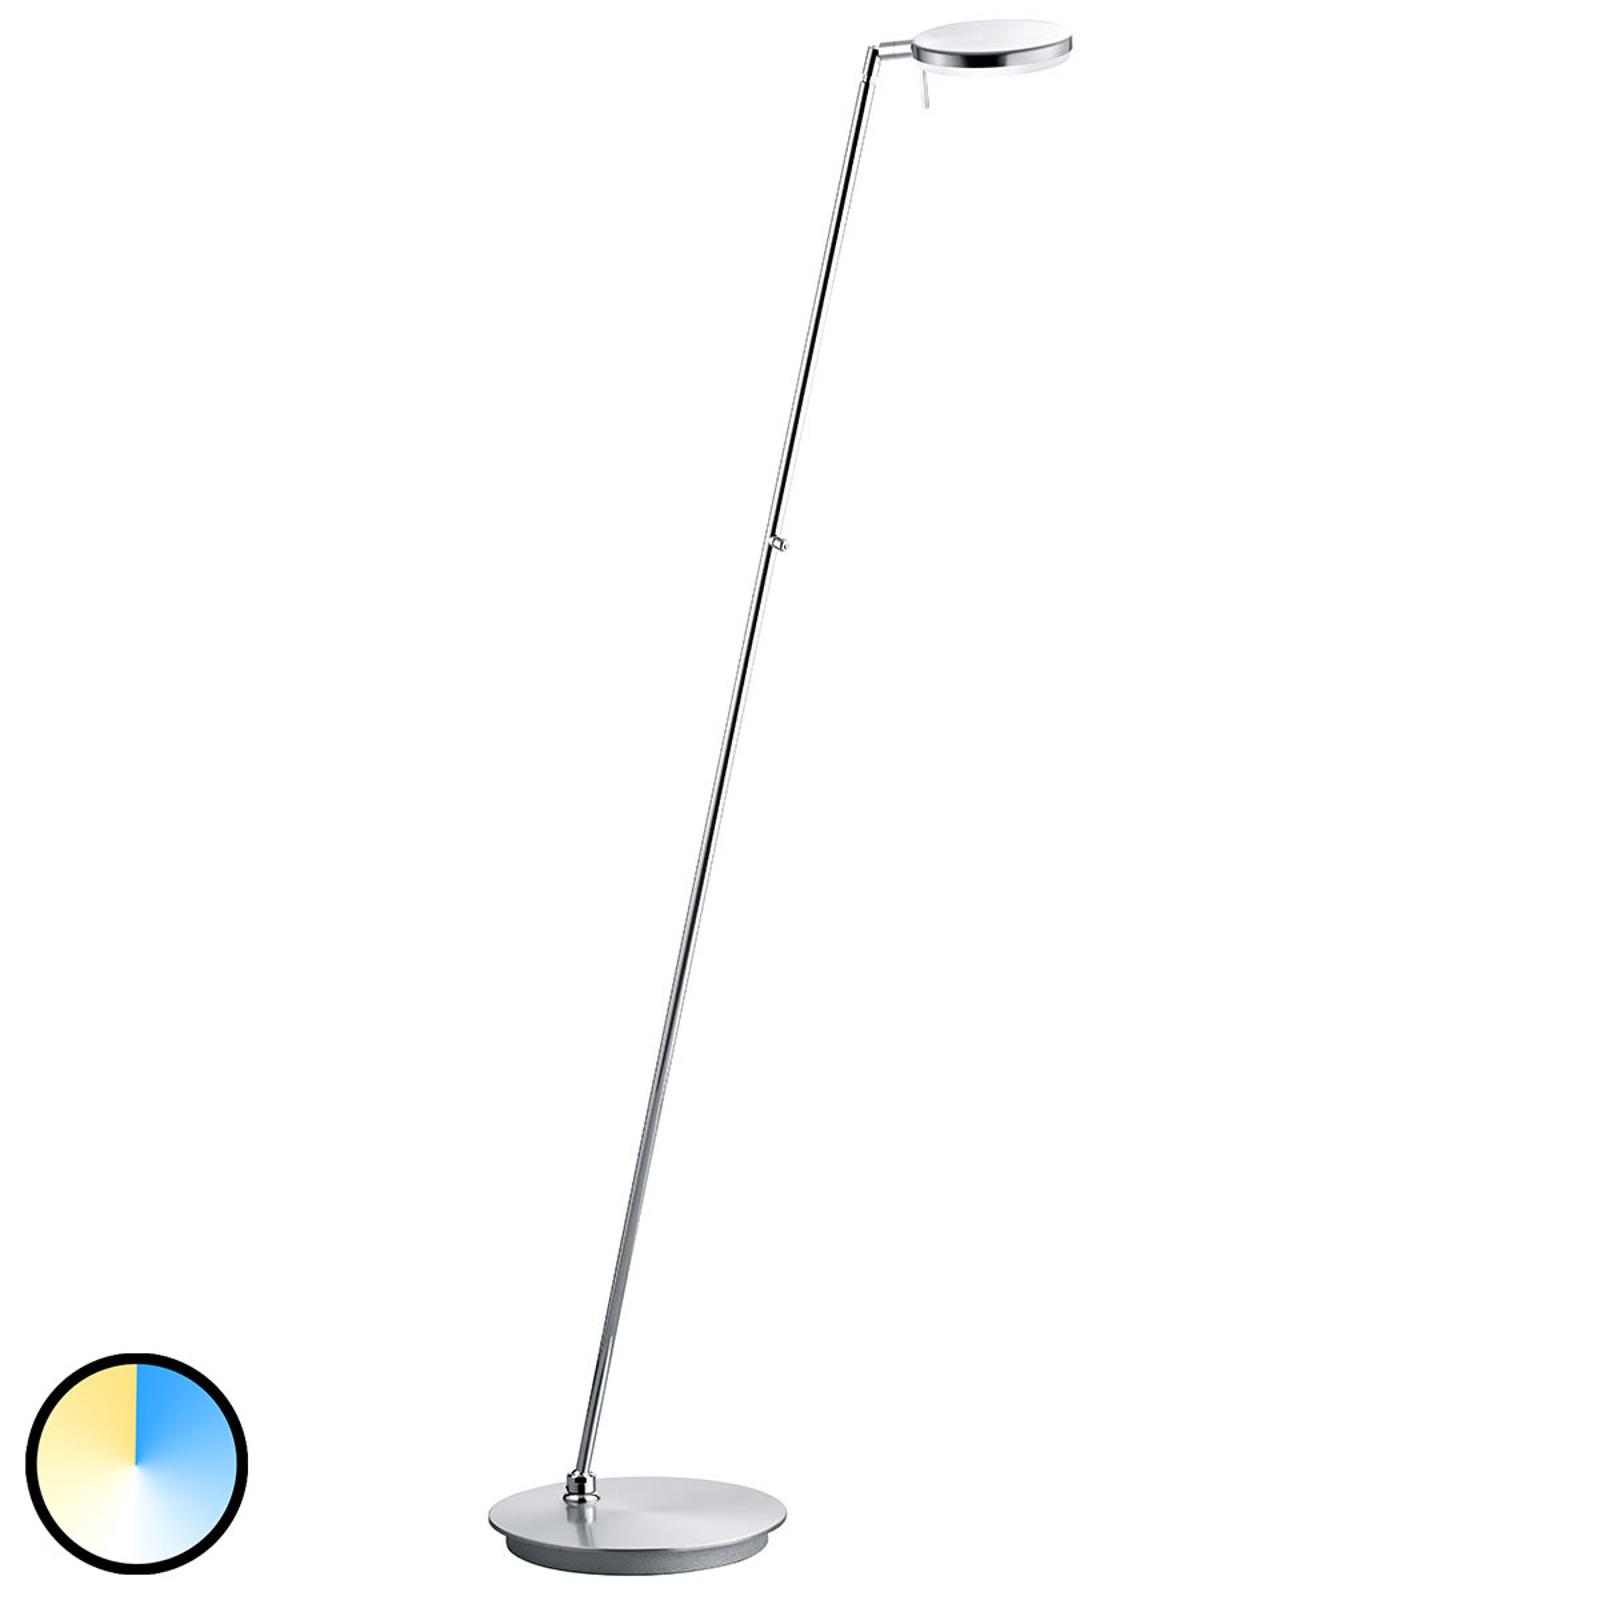 B-Leuchten Omega vloerlamp CCT-technologie nikkel